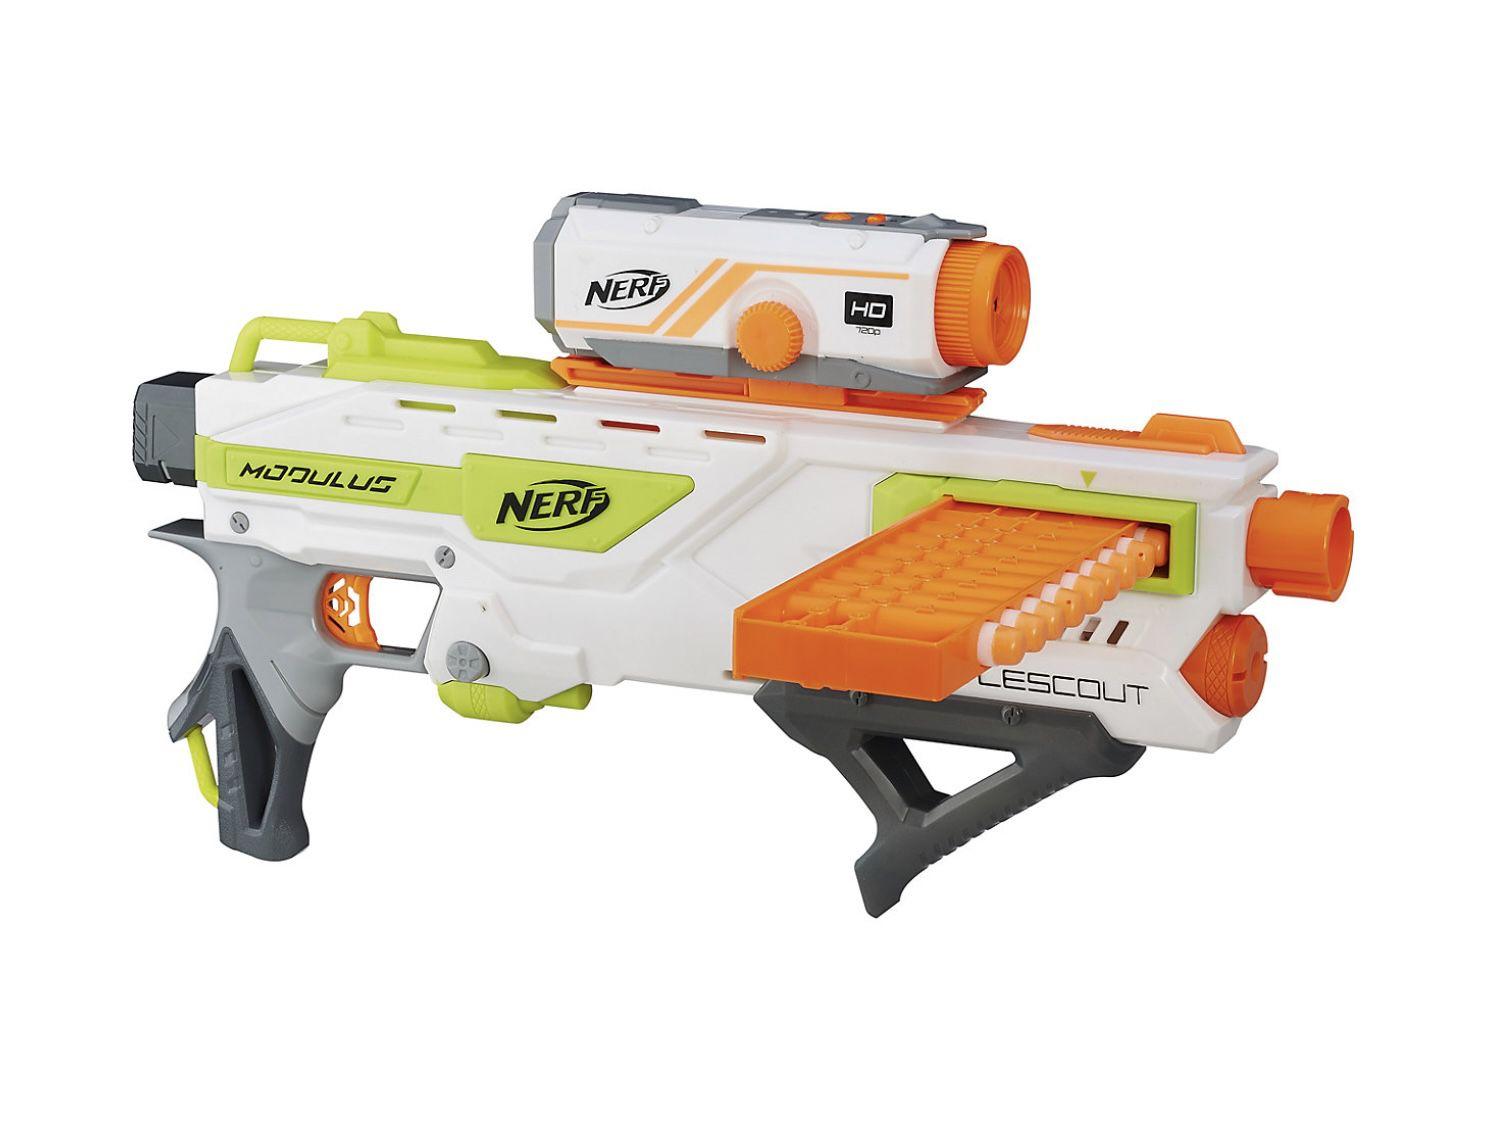 Nerf N-Strike Elite – Modulus Battlescout ICS-10 Spielzeugblaster für 21,98€ (statt 34€)